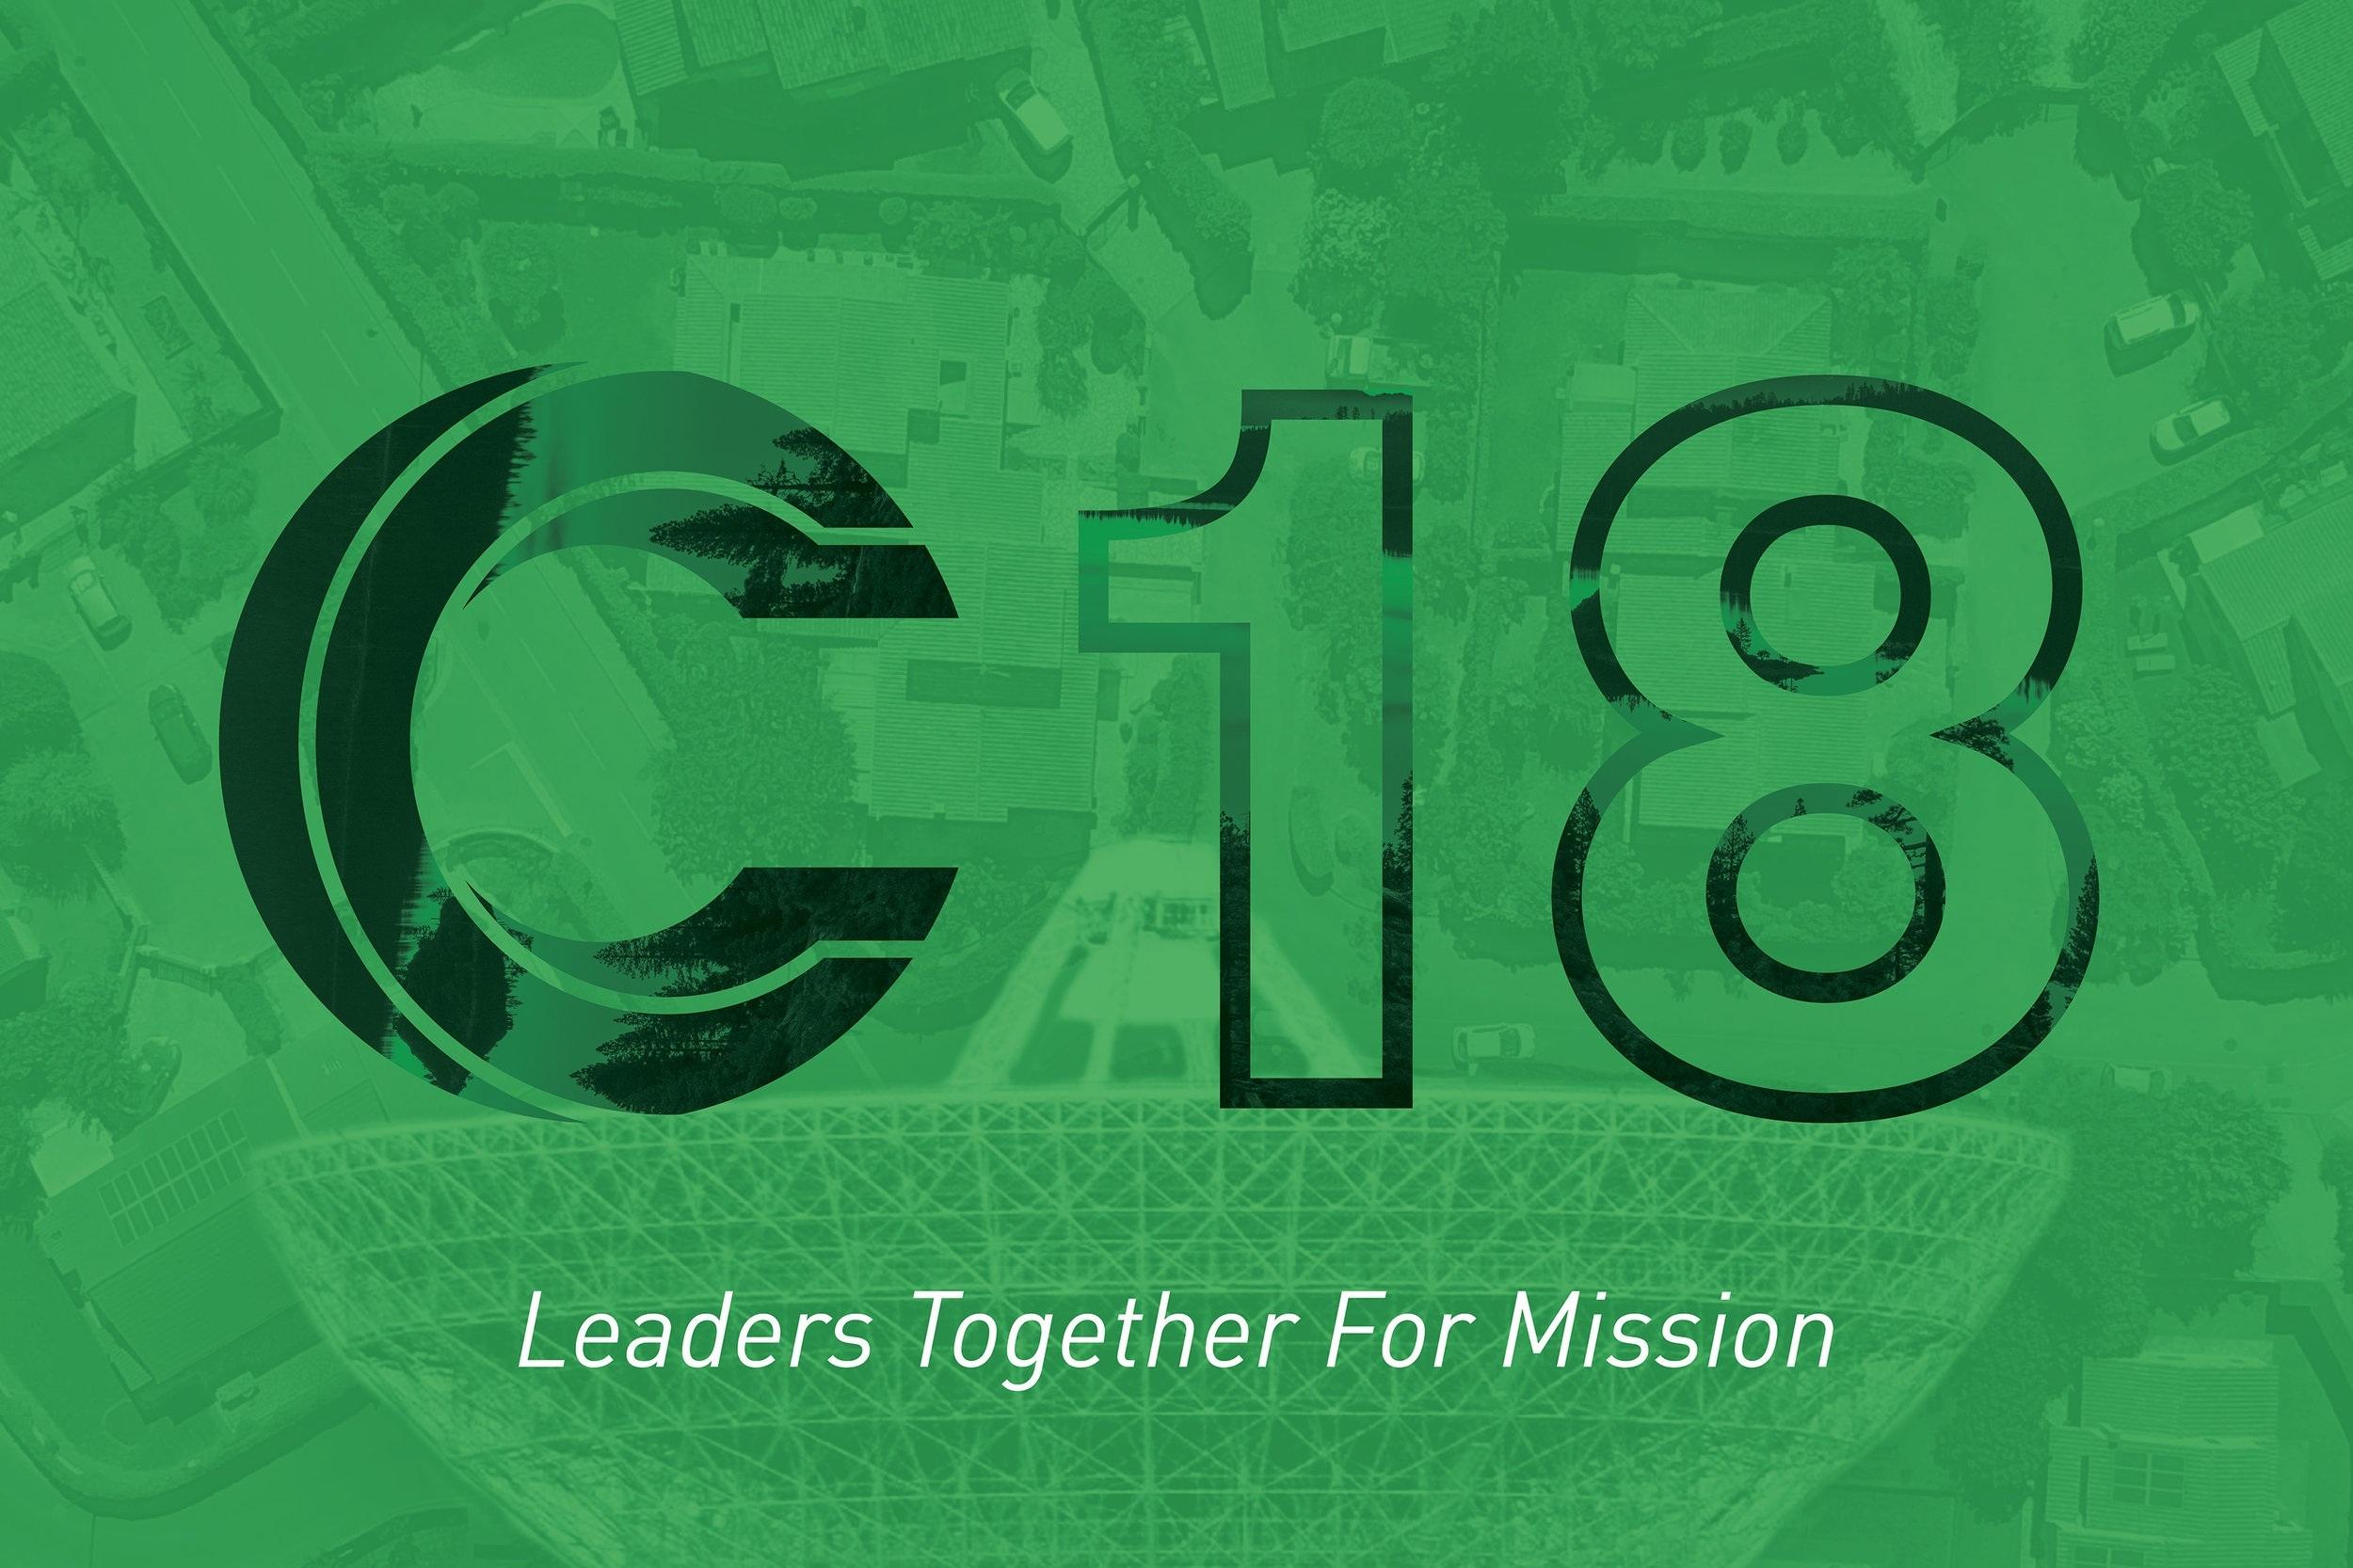 C18leadership.jpg